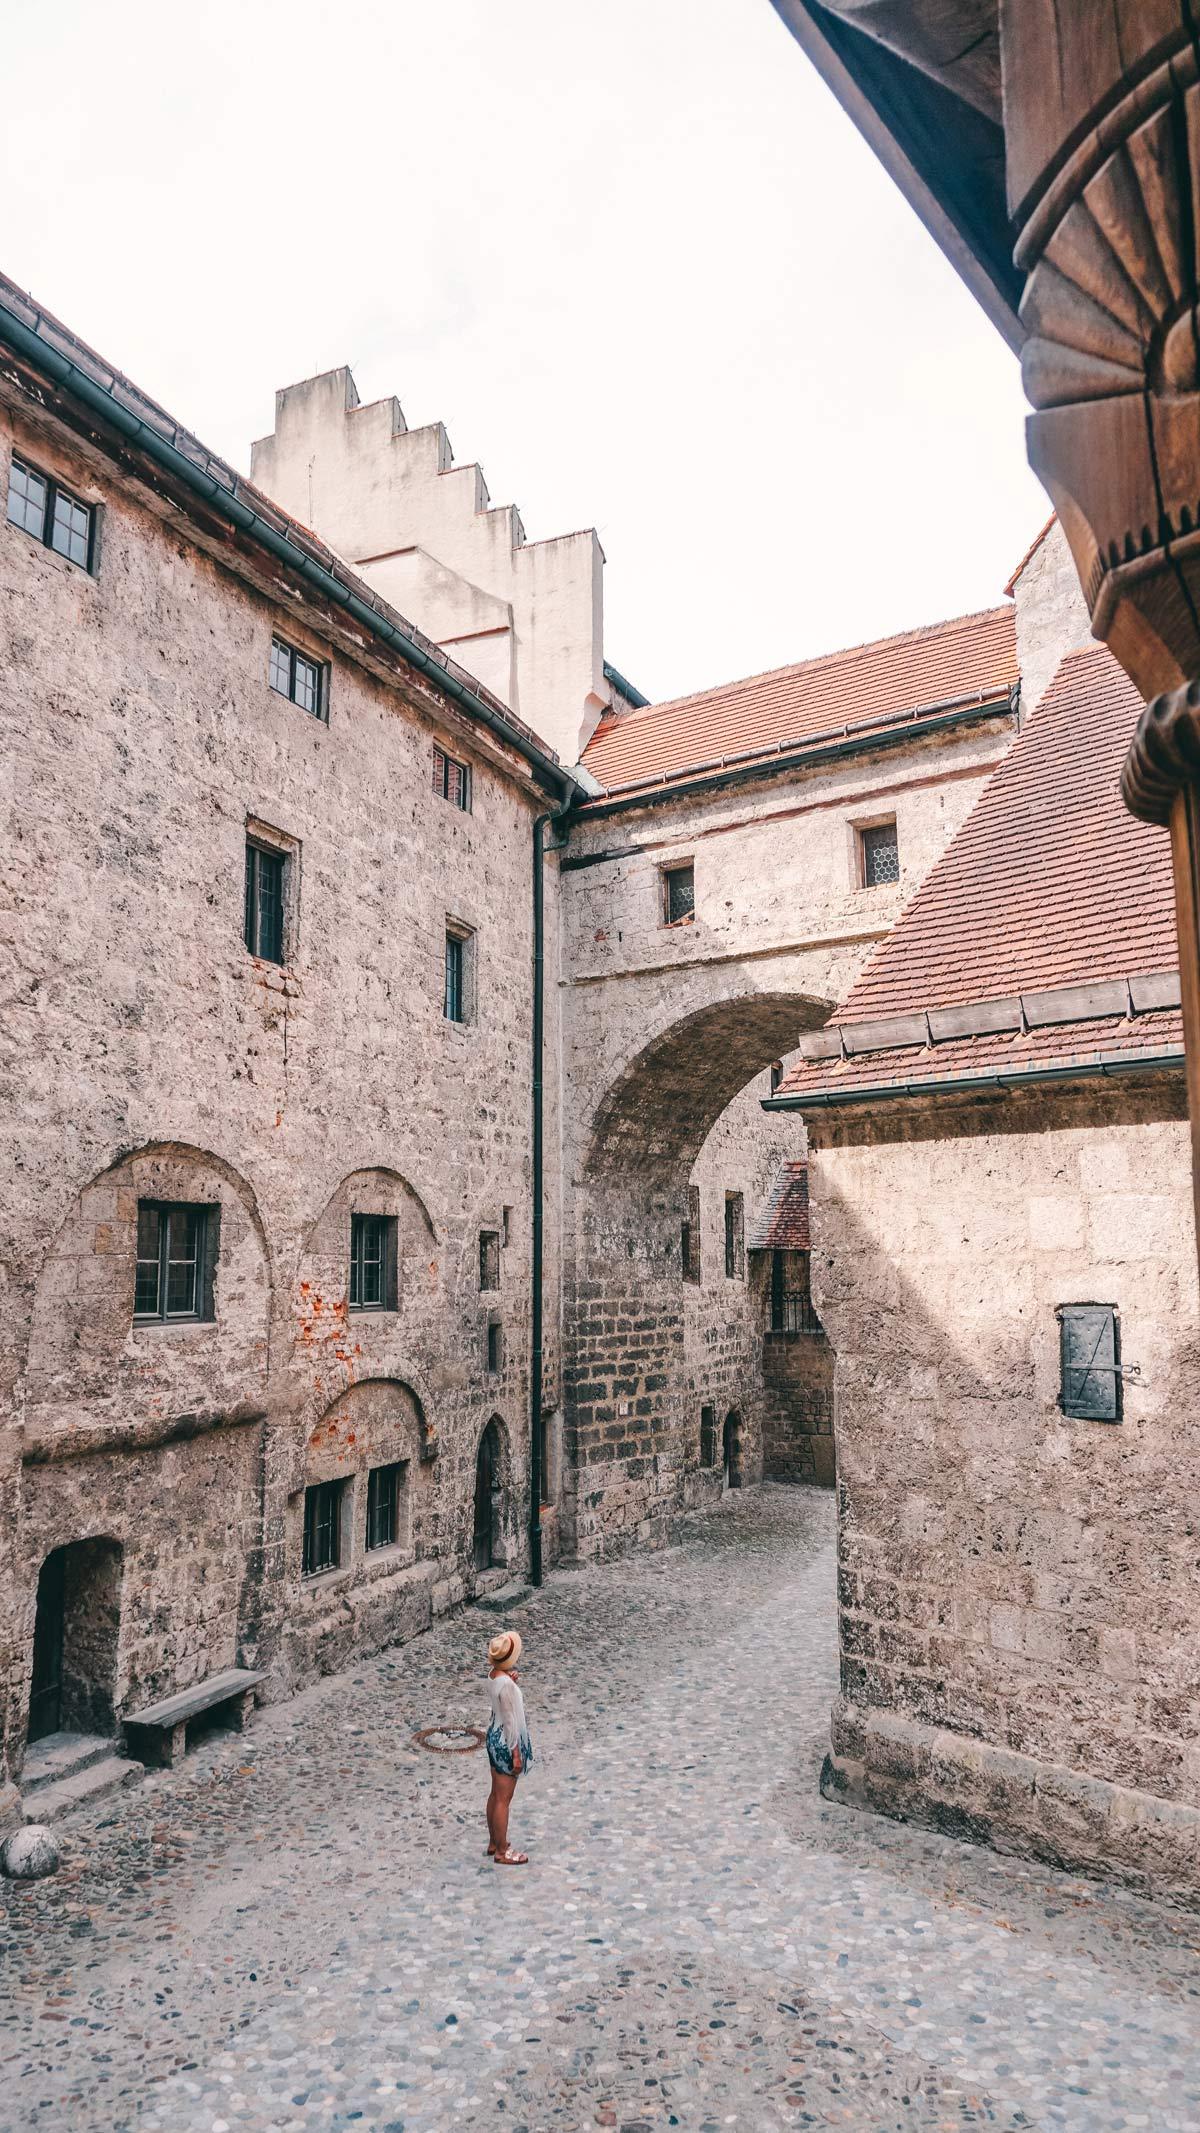 Burghausen Burg Haupthof Gegenrichtung